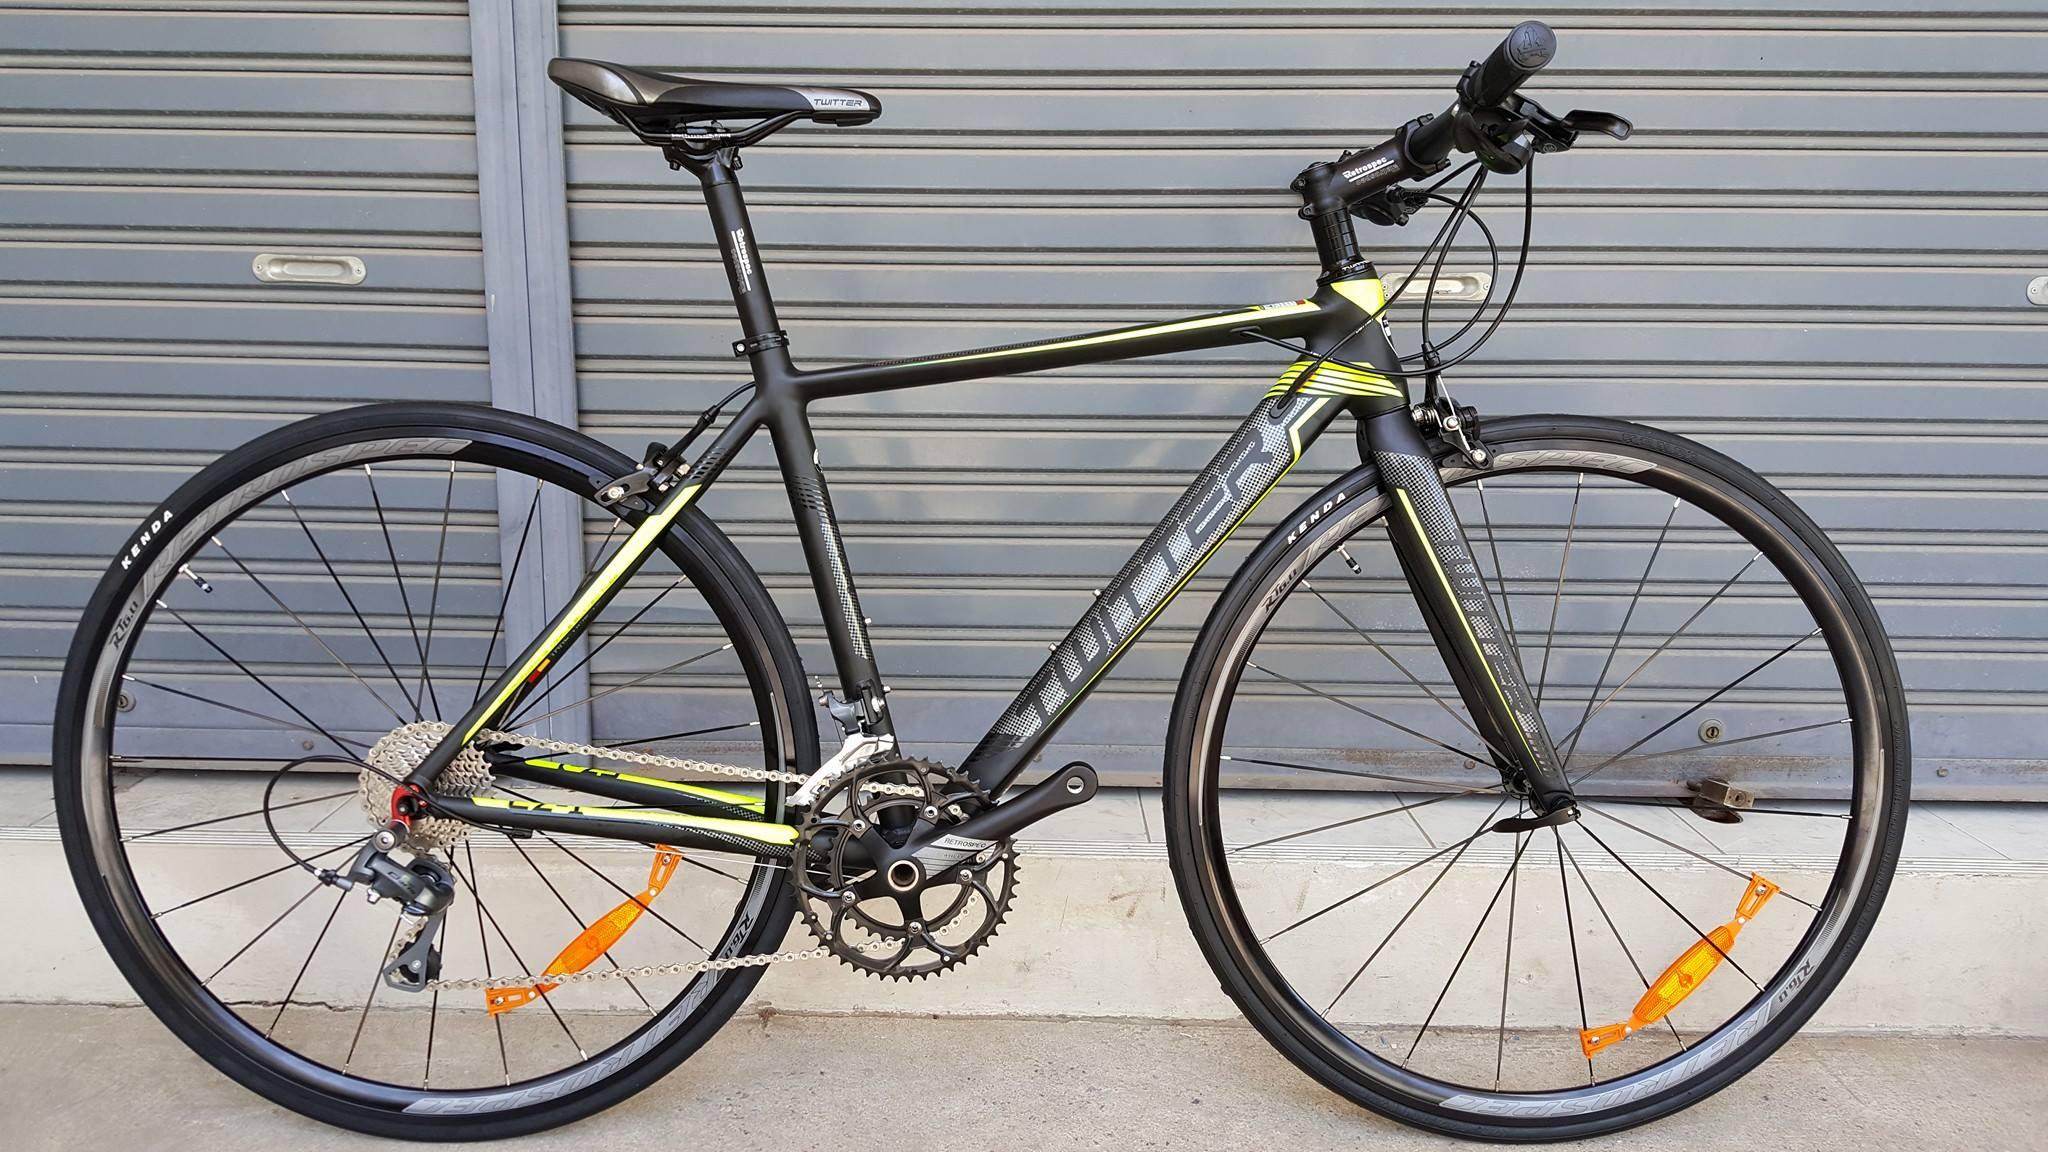 จักรยานไฮบริด (หมอบแฮนด์ตรง) Twitter CZ1 Hybrid เฟรมอลู สีดำเหลืองนีออน ตะเกียบคาร์บอน ชุดขับ Shimano Claris 16 Speed ดุมล้อแบริ่ง กระโหลกกลวง